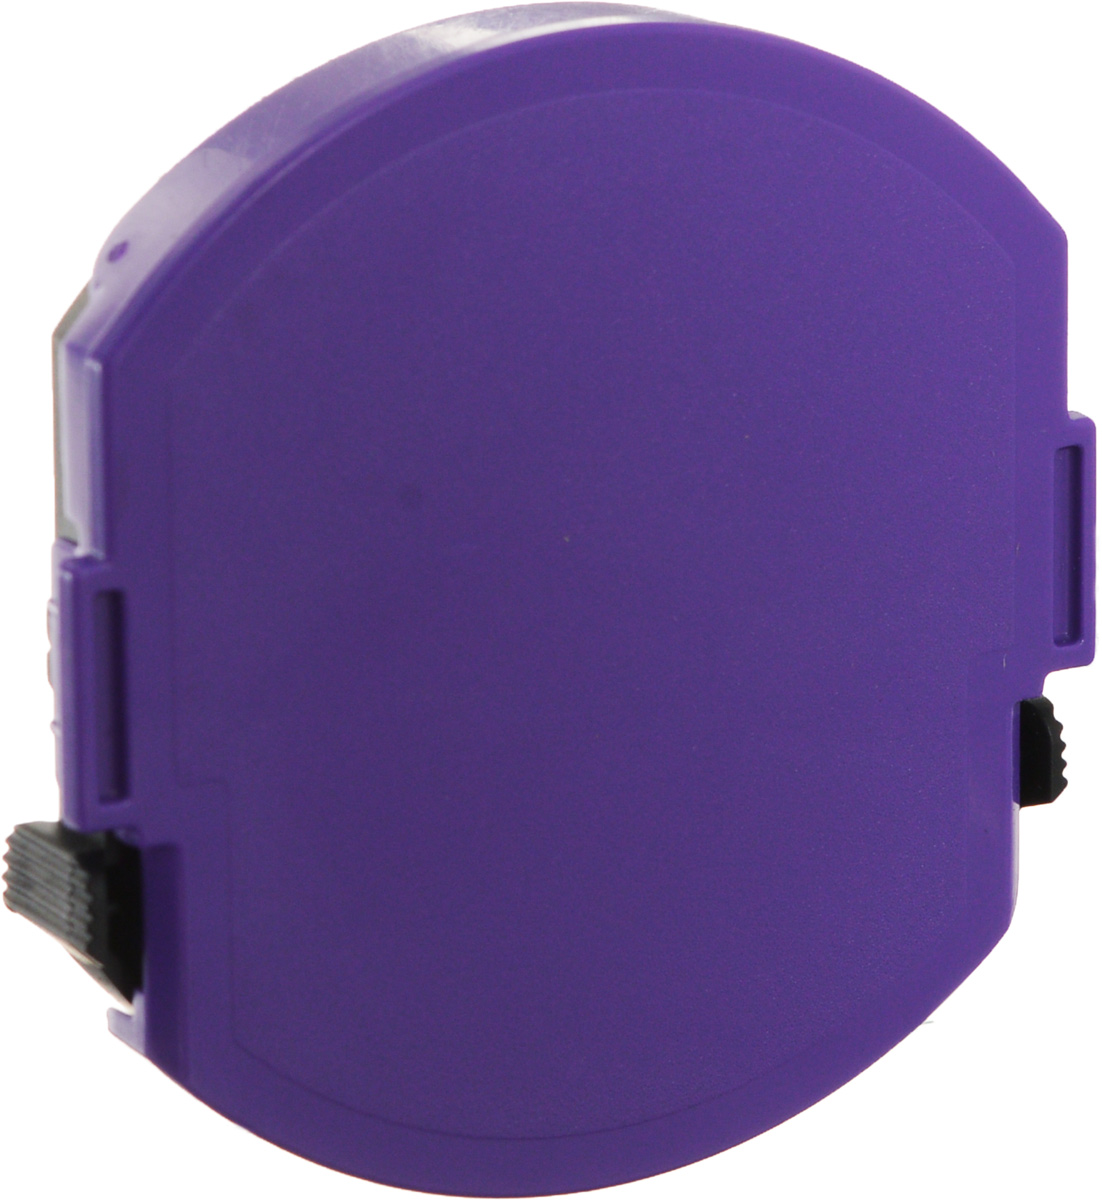 Trodat Сменная штемпельная подушка цвет фиолетовый6/46045СОригинальная сменная штемпельная подушка Trodat для серии PRINTY и PROFESSIONAL Line гарантируют высокое качество от первого до последнего оттиска. Четкие оттиски. Ресурс подушки - 10 000 оттисков. Рекомендована замена подушки, а не дозаправка краской. Цвет краски - фиолетовый.